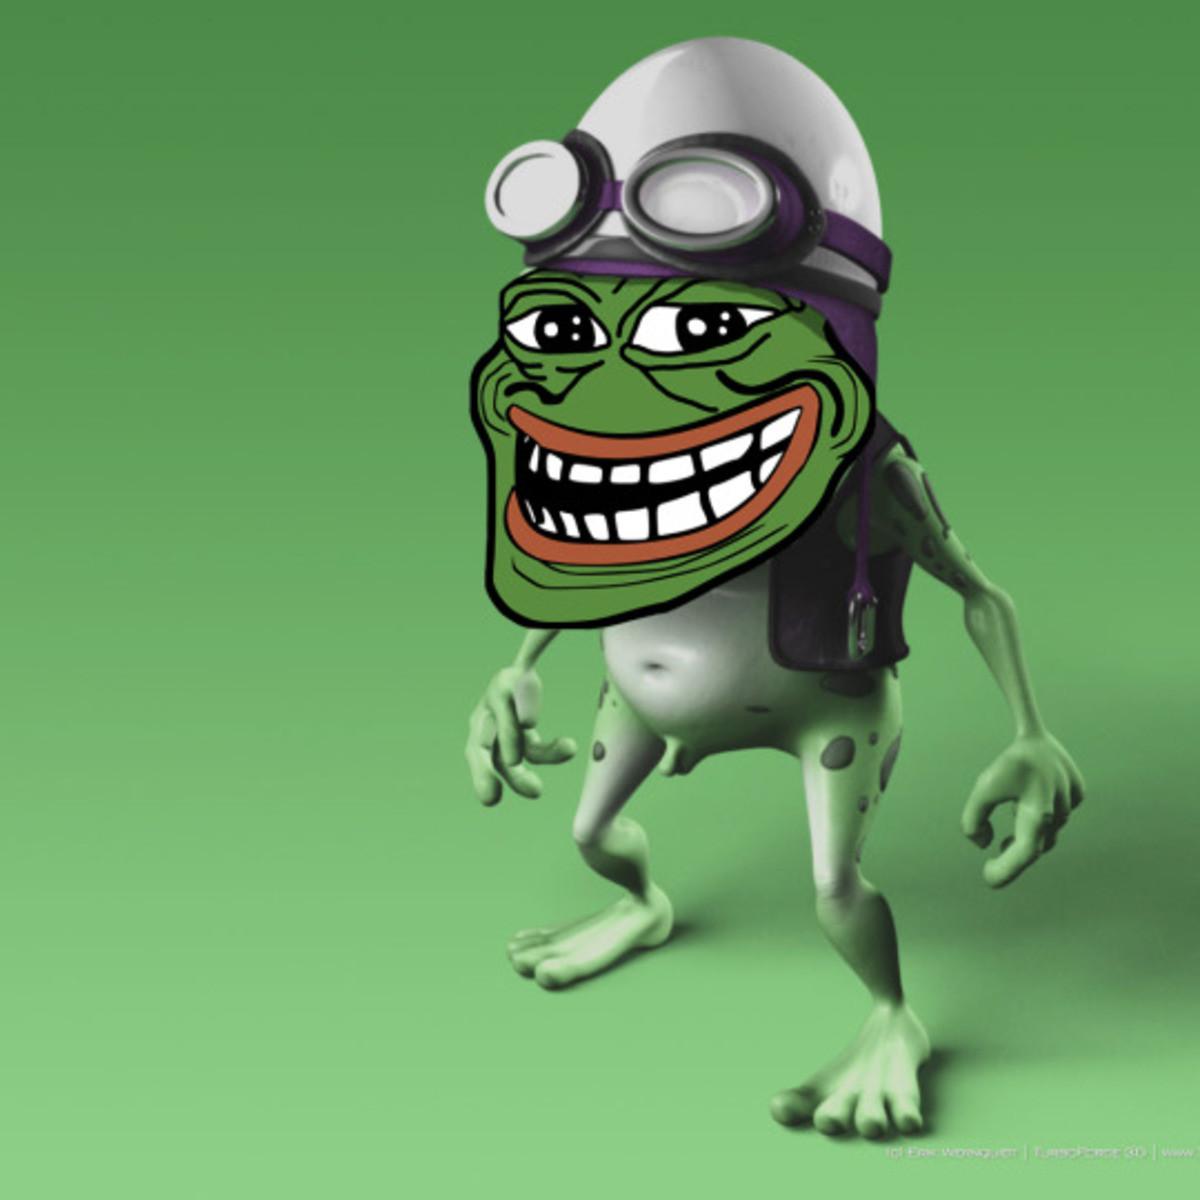 PejPej. .. I spy a weenie in that greenie PejPej I spy a weenie in that greenie